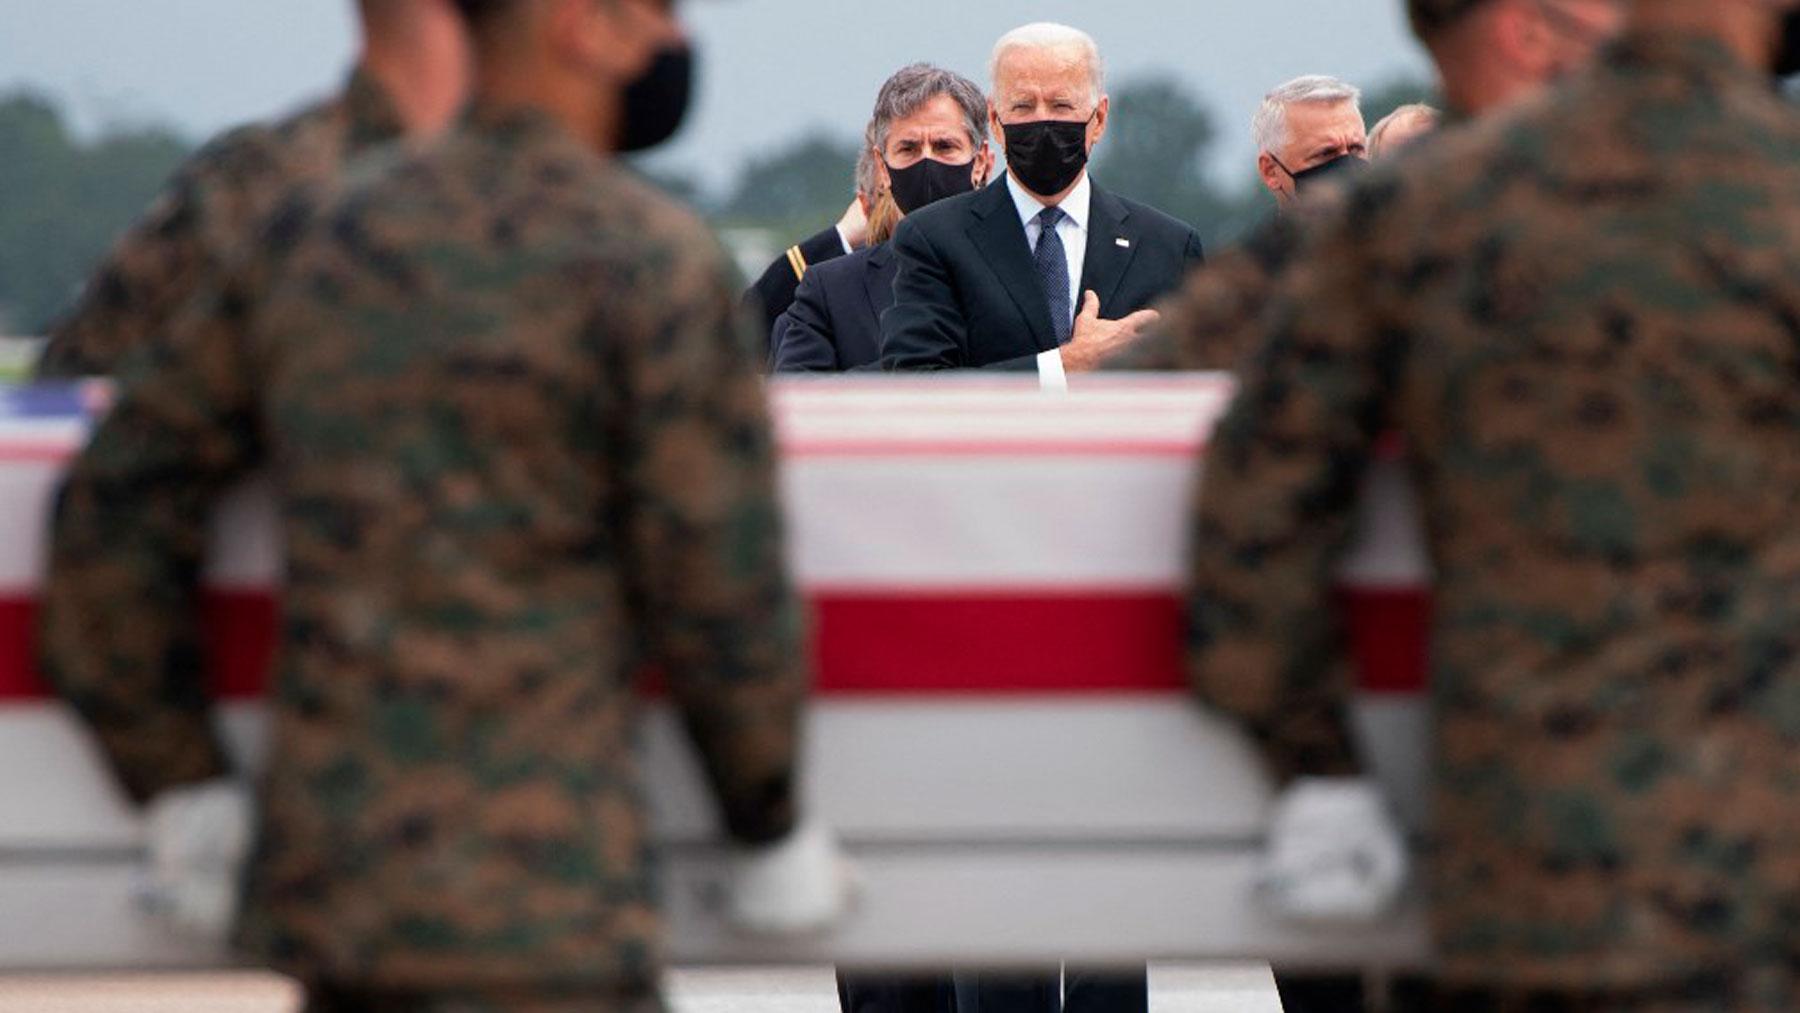 El presidente de EEUU, Joe Biden, presenta sus respetos ante los féretros de los 13 soldados muertos en el atentado de Kabul. Foto: AFP